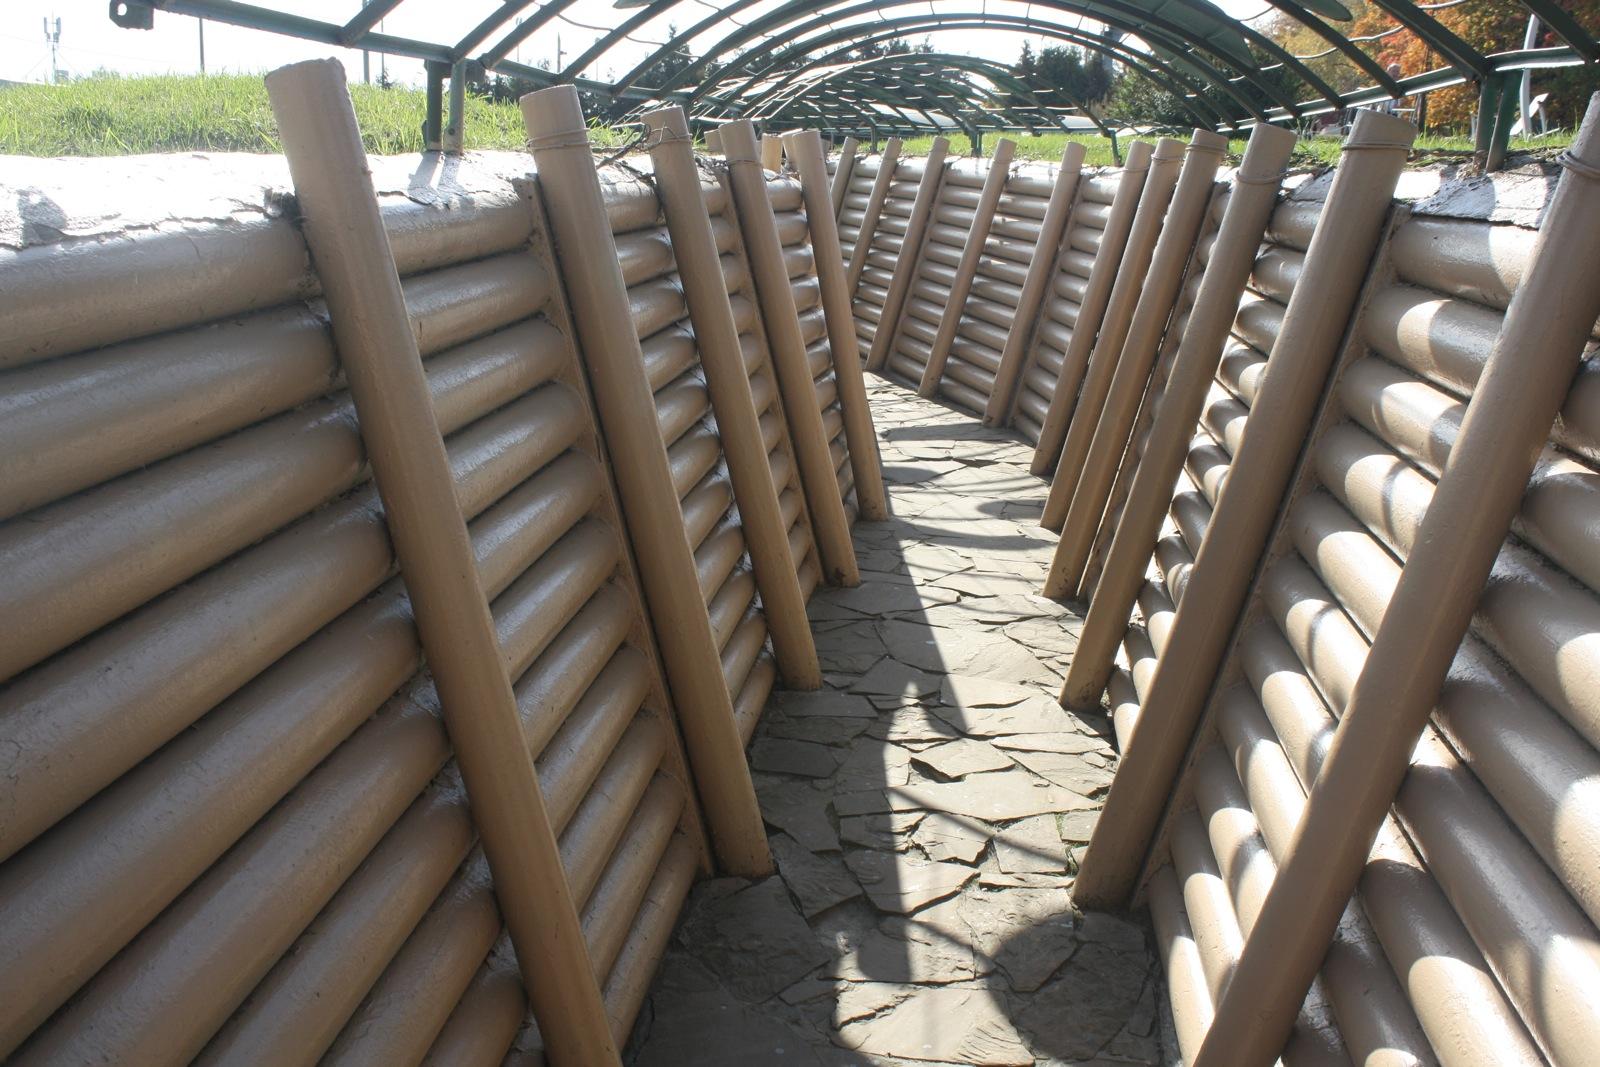 Посетиоци су у прилици да виде како су изгледали совјетски бункери, као и да прошетају рововима.